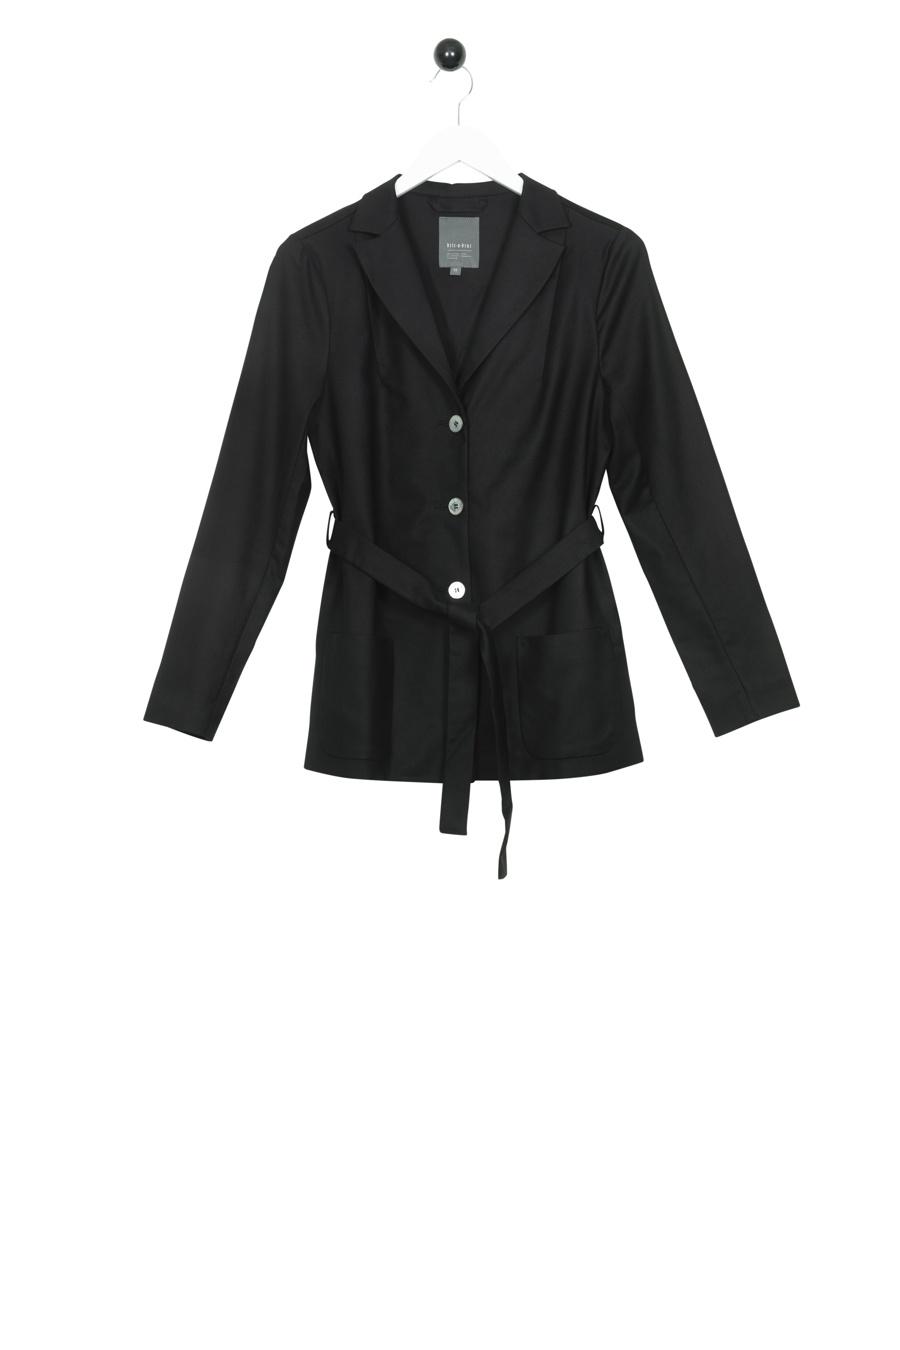 Peppar Jacket